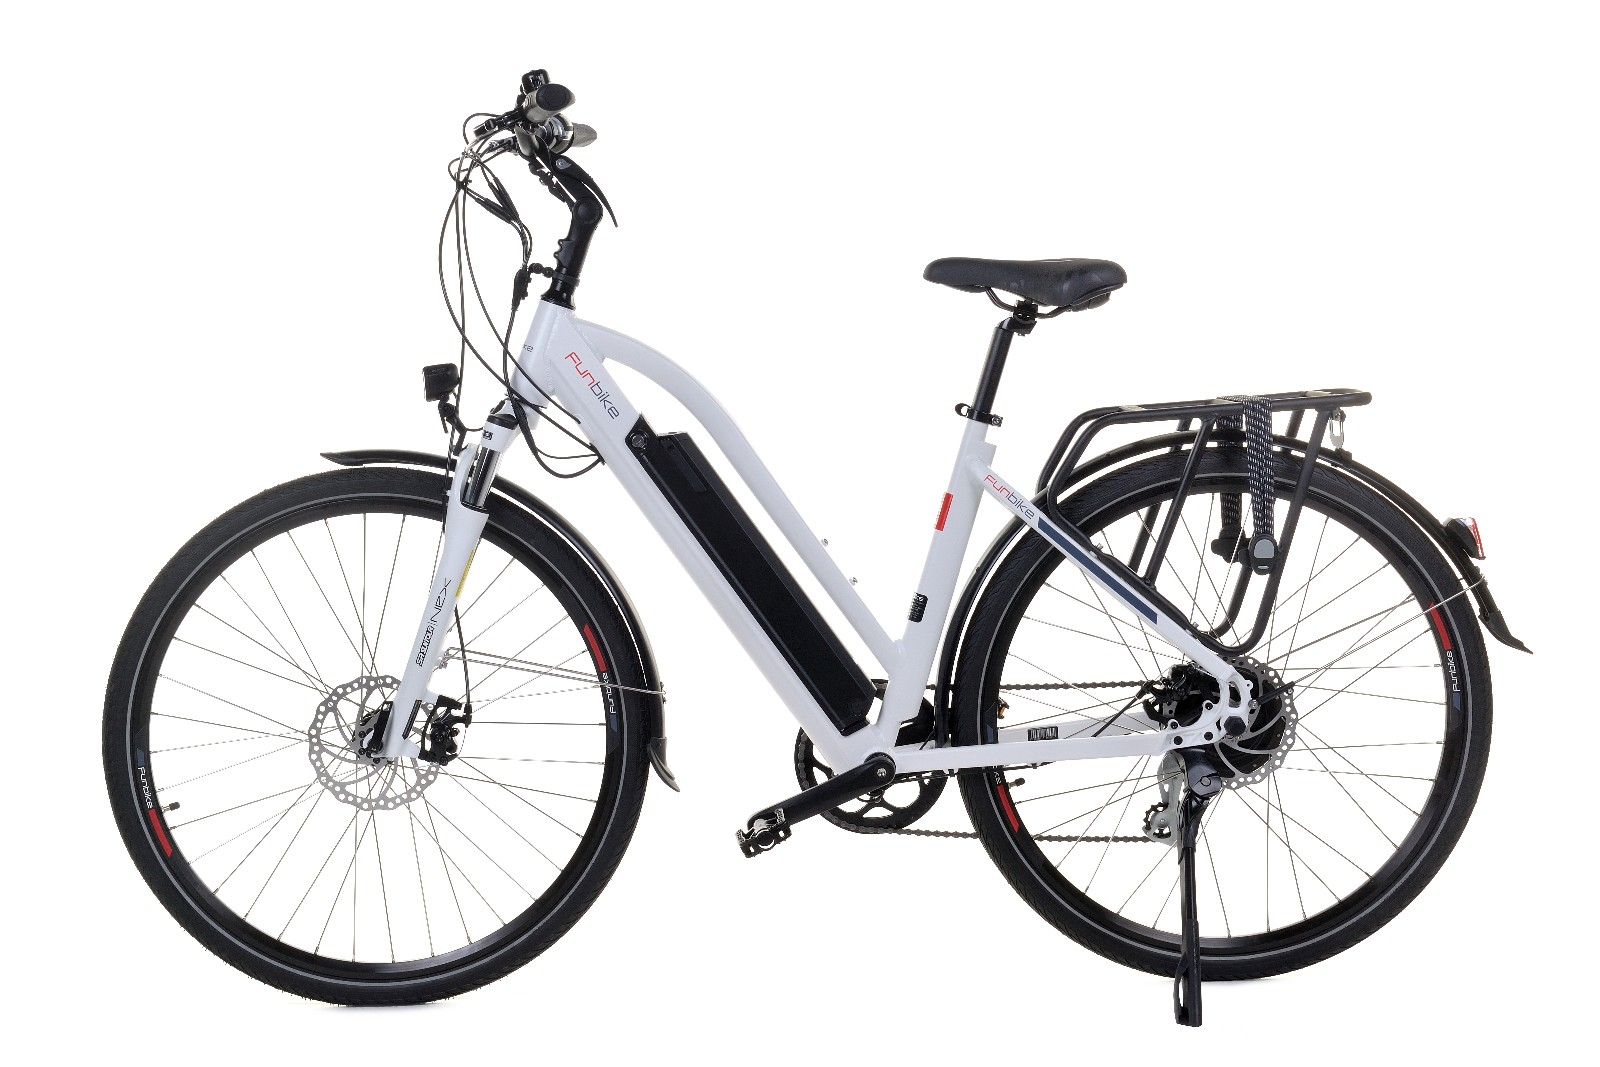 Rower elektrycznyFunbike EVO Lwyprodukowany w Polsce! Powered by Ecobike!